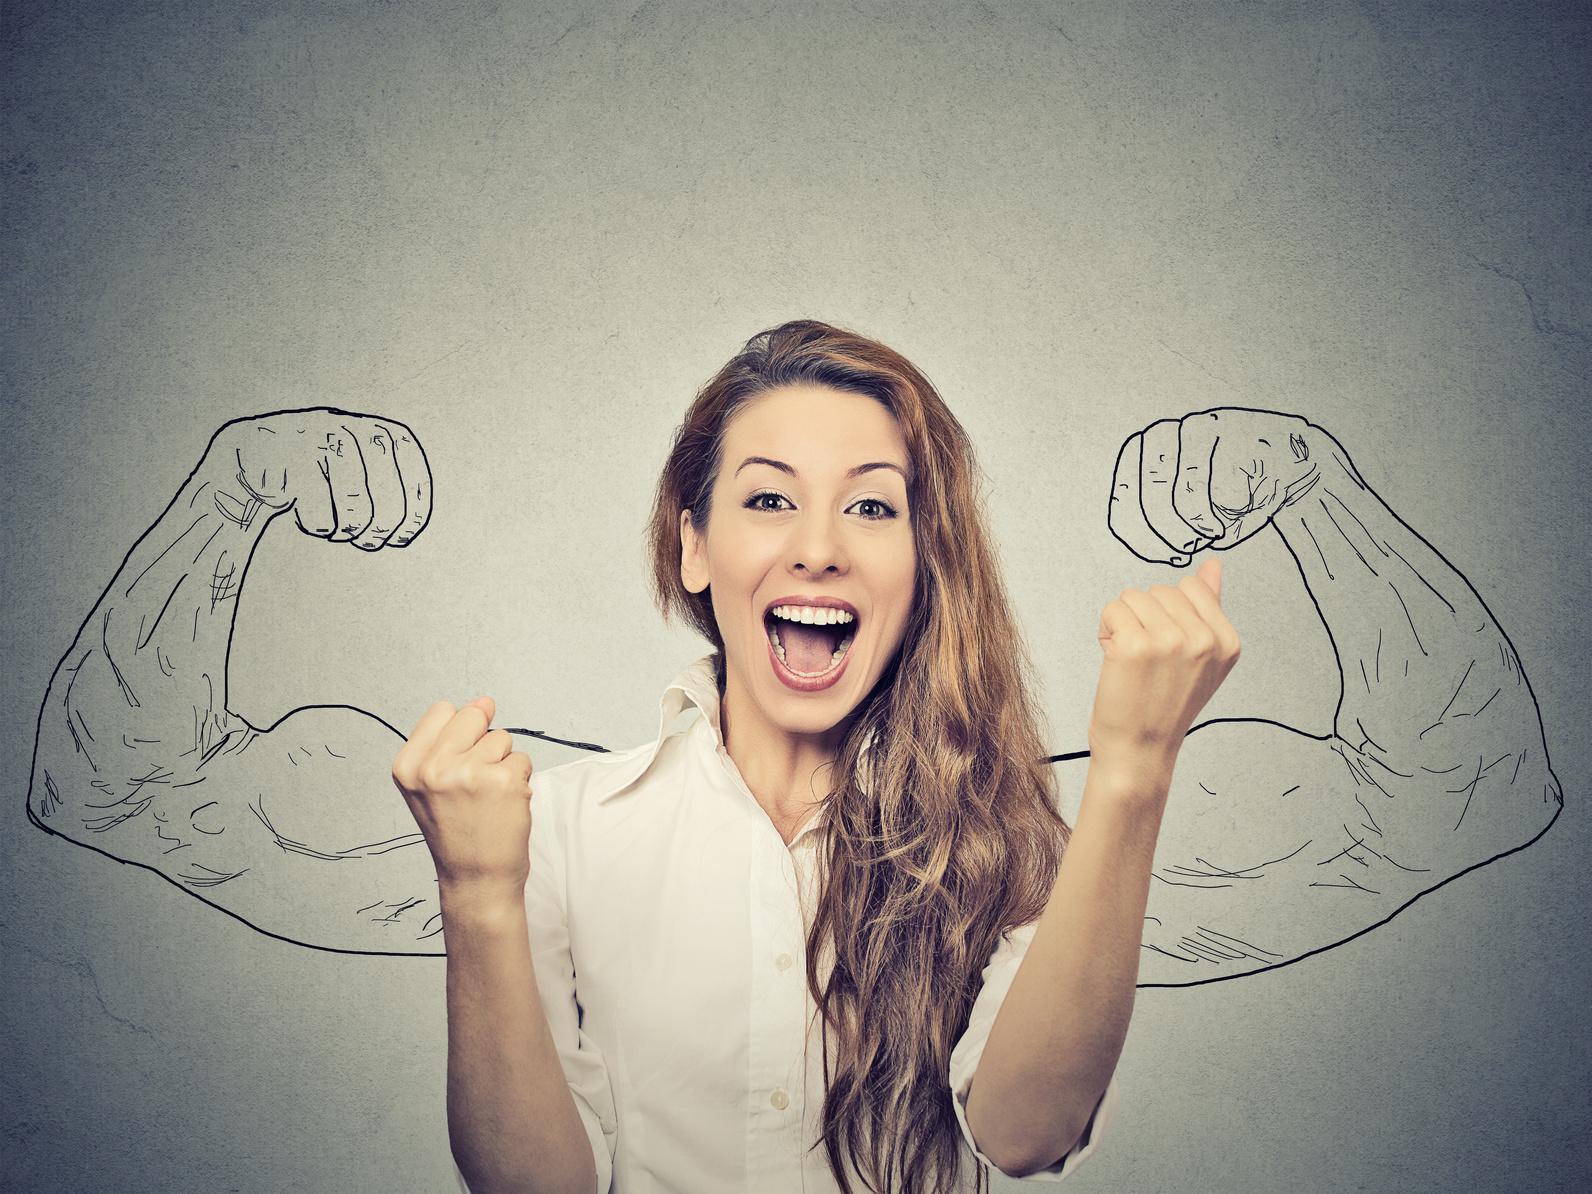 Jak wykorzystać stres do produktywnego działania?